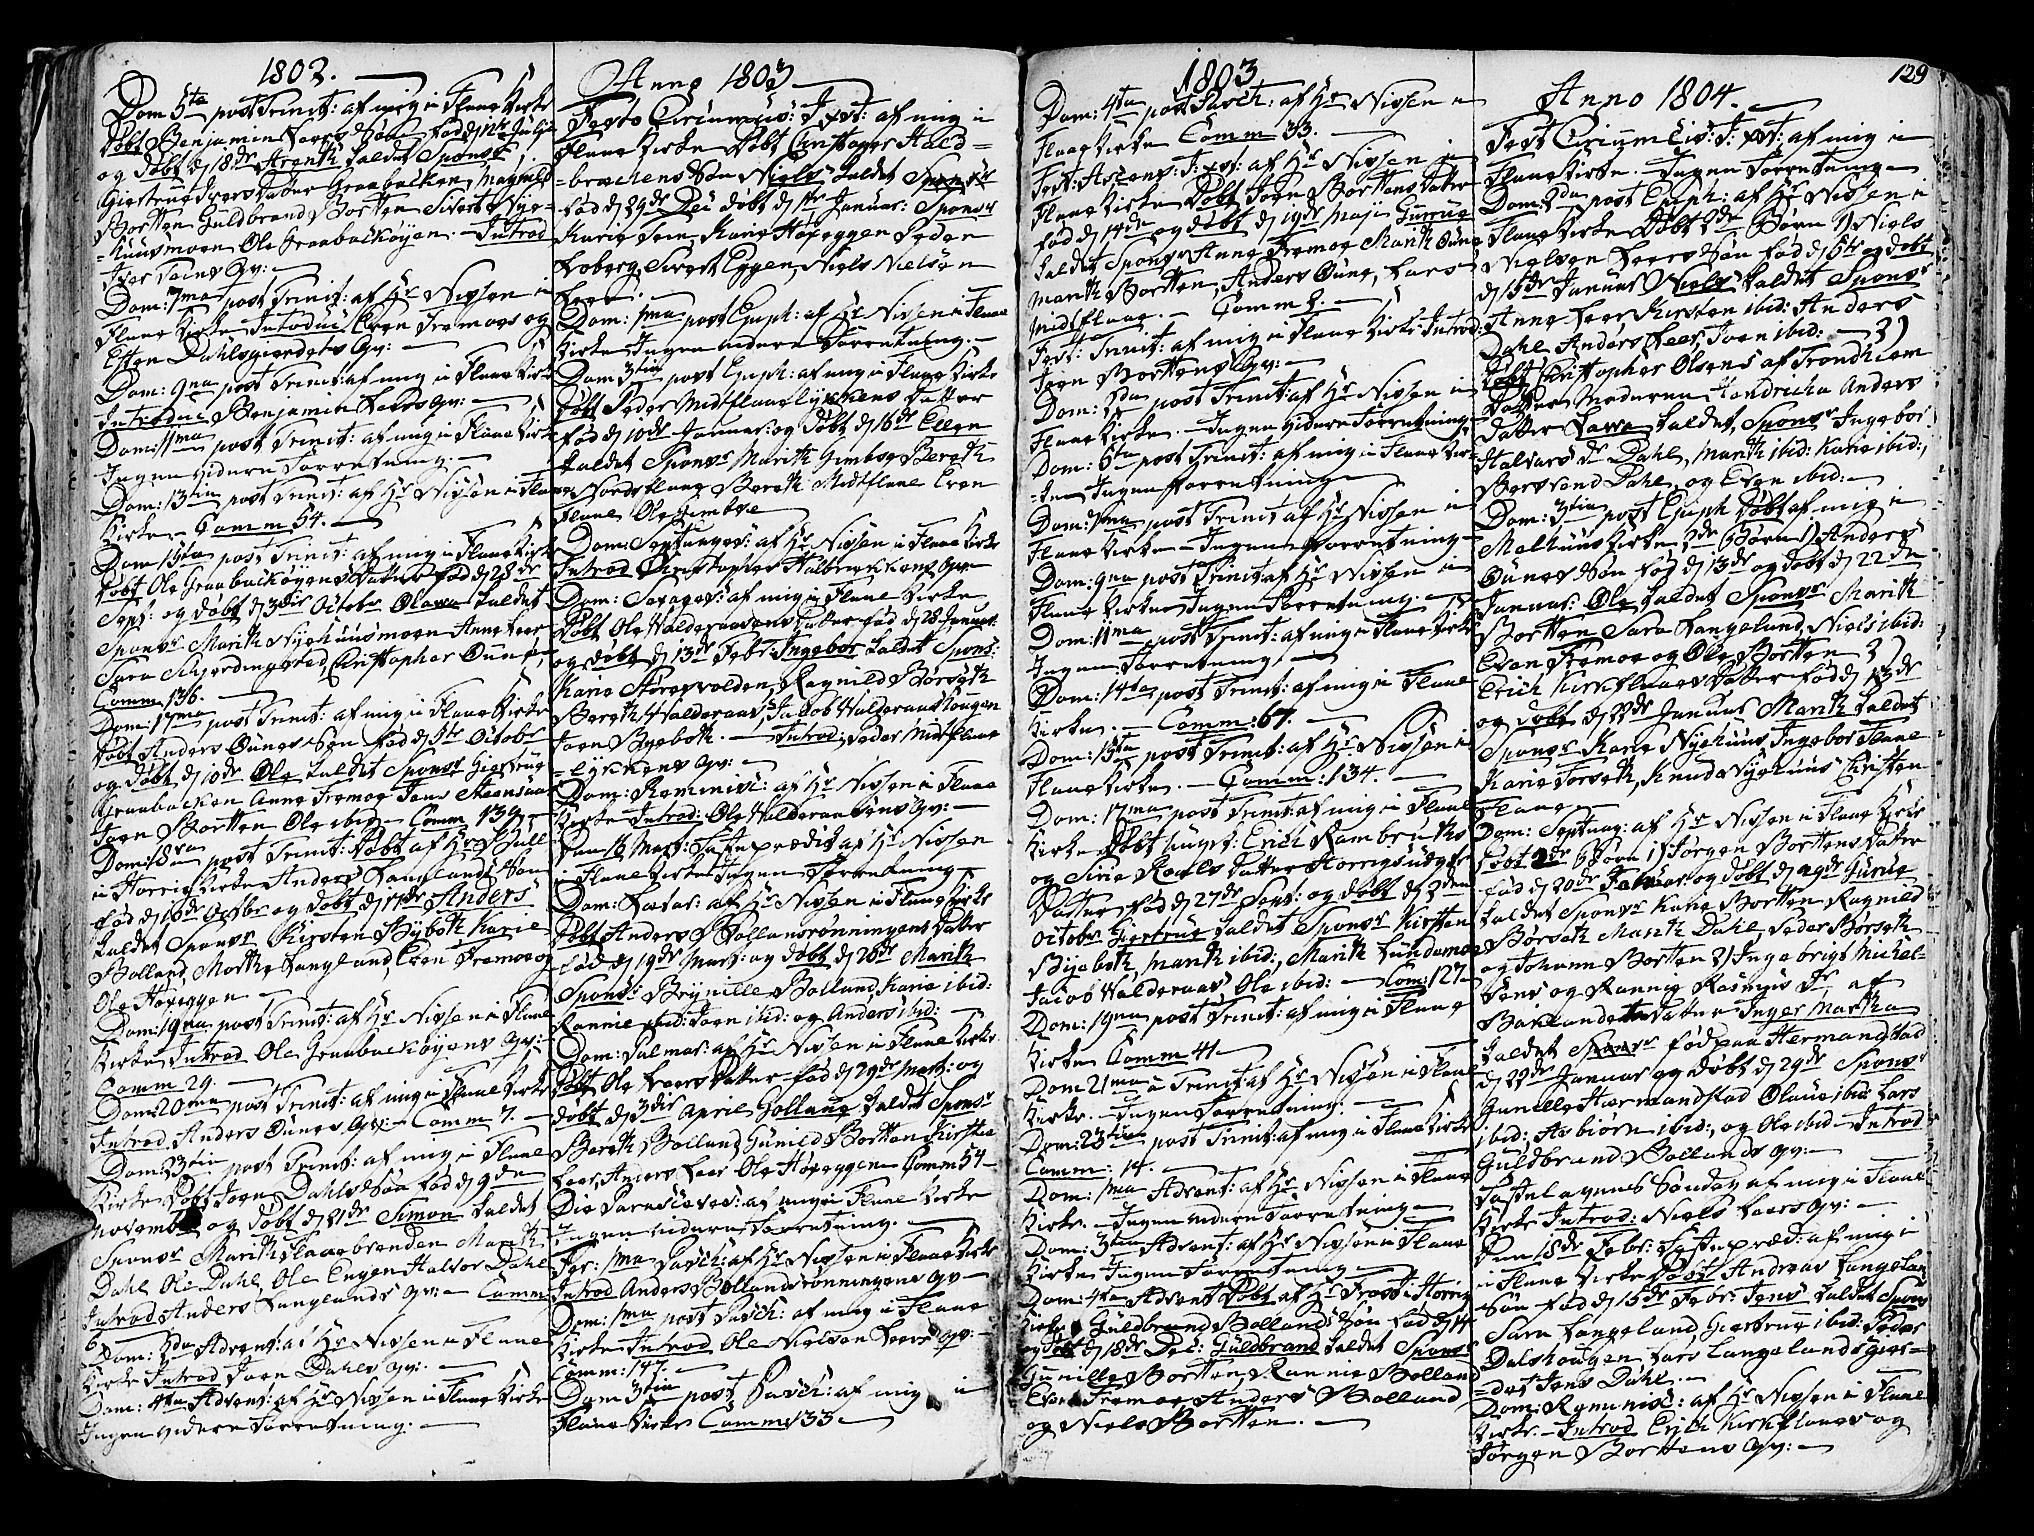 SAT, Ministerialprotokoller, klokkerbøker og fødselsregistre - Sør-Trøndelag, 691/L1062: Ministerialbok nr. 691A02 /2, 1768-1815, s. 129